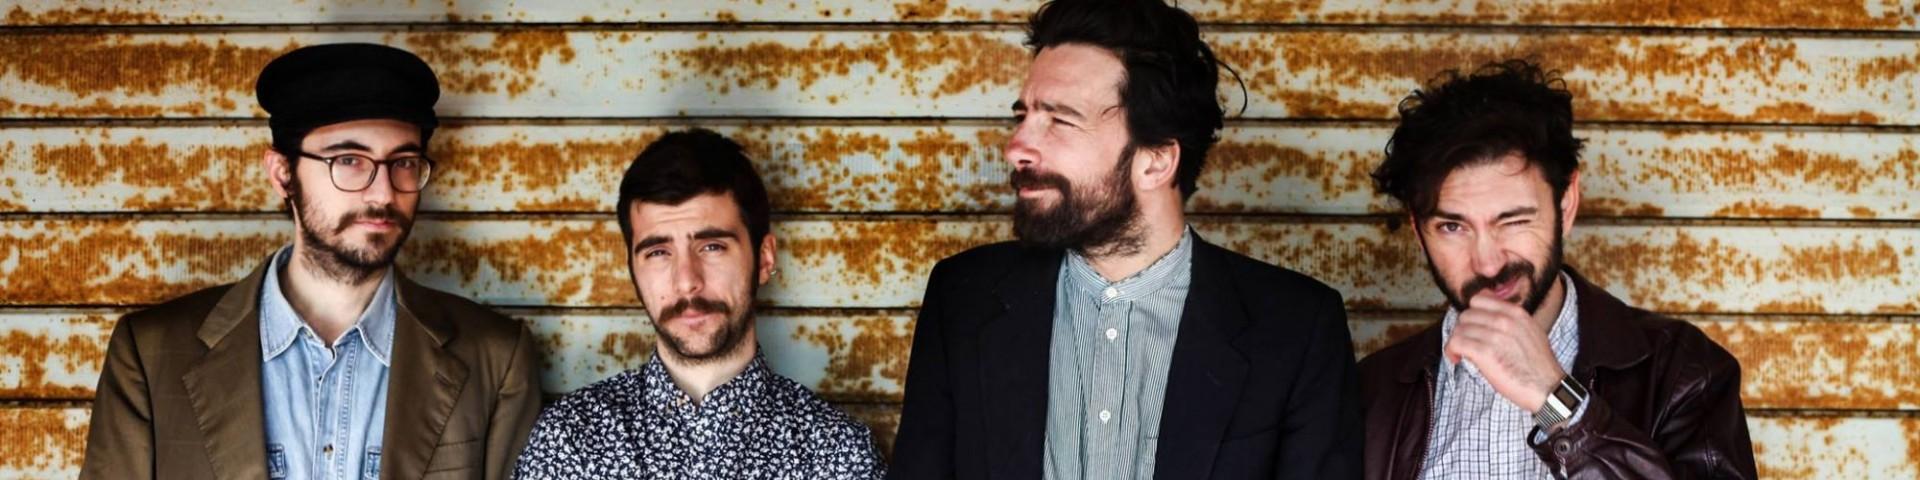 """Ex-Otago, strumenti rubati a un mese dal Festival di Sanremo: """"Ecco cosa ci hanno portato via"""""""